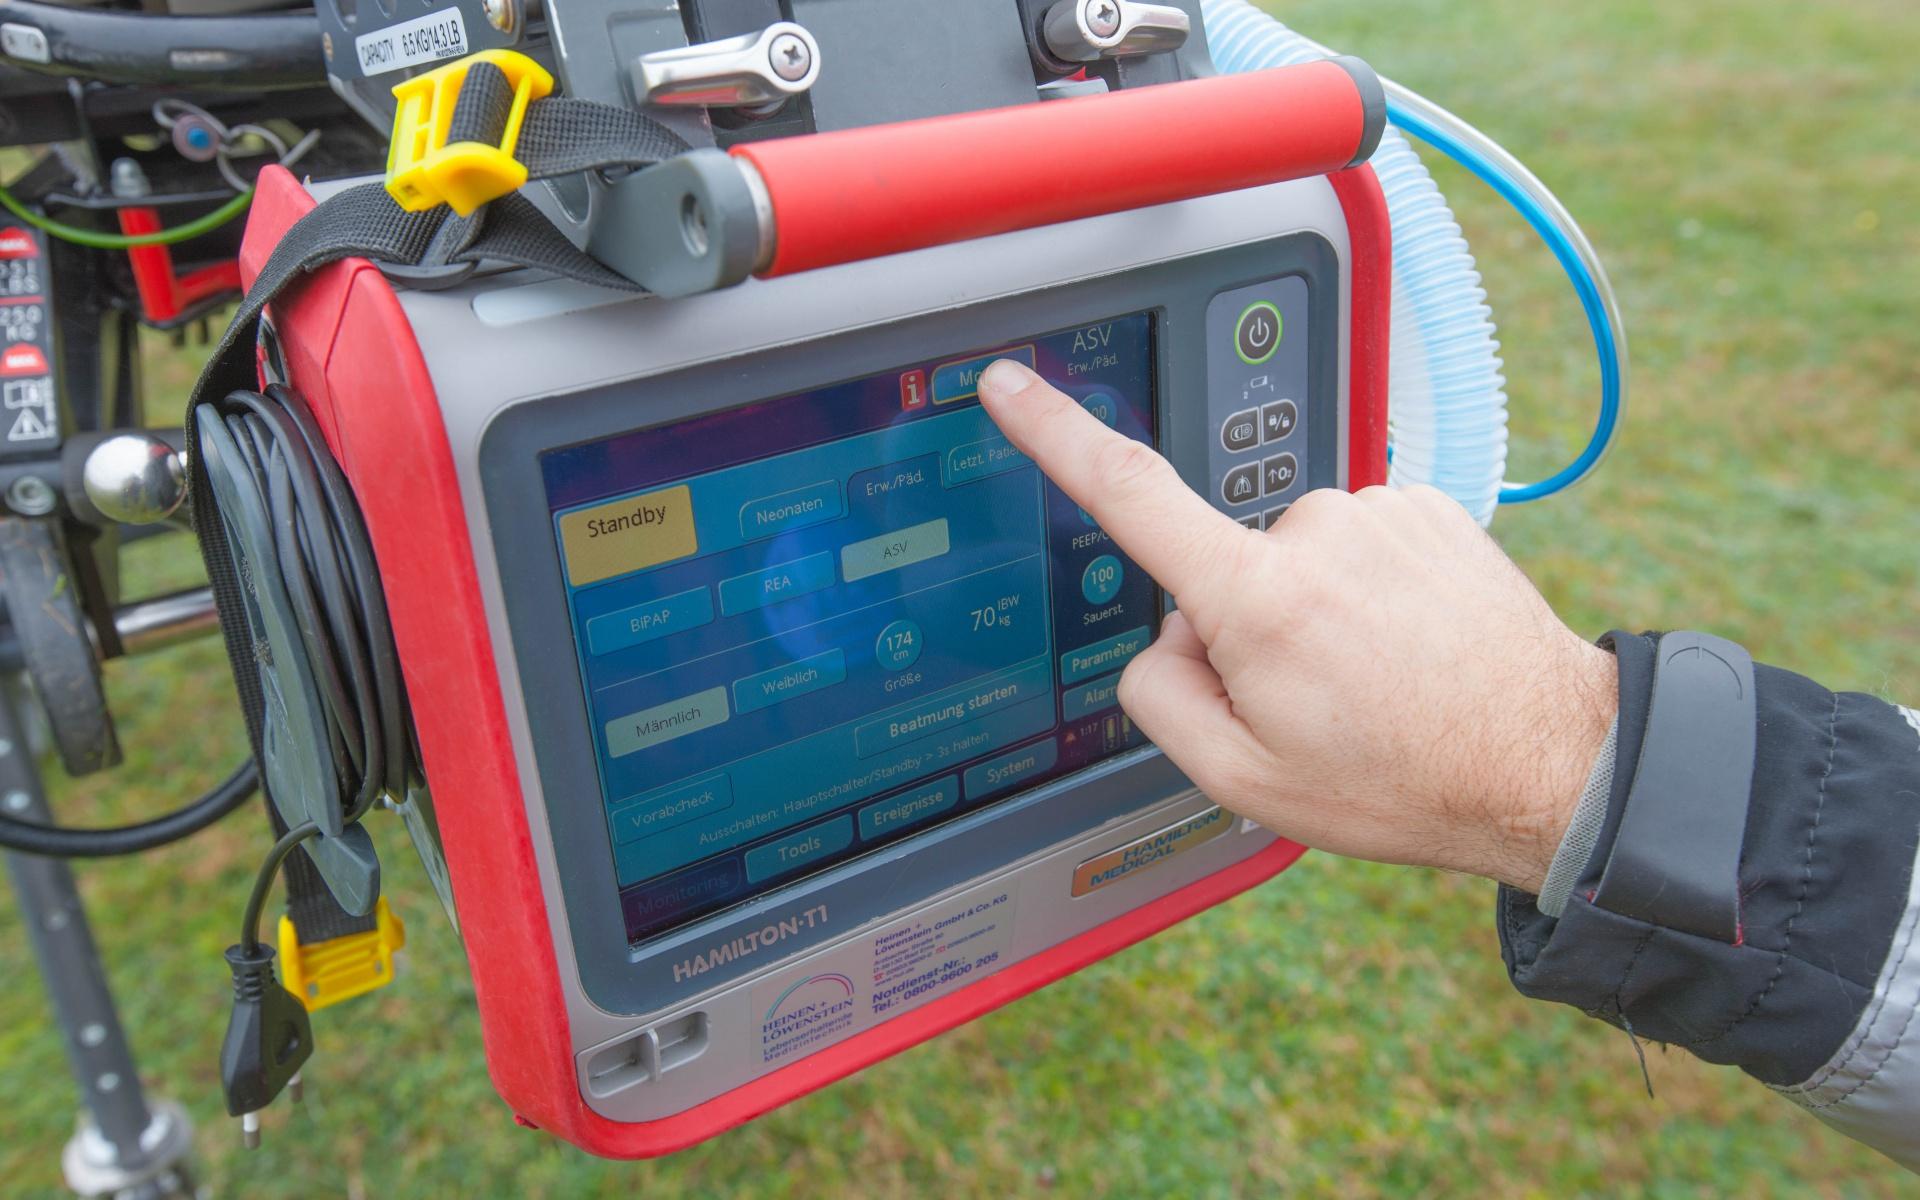 Das Intensiv-Beatmungsgerät Hamilton-T1 gewährleistet eine schonende Beatmung.